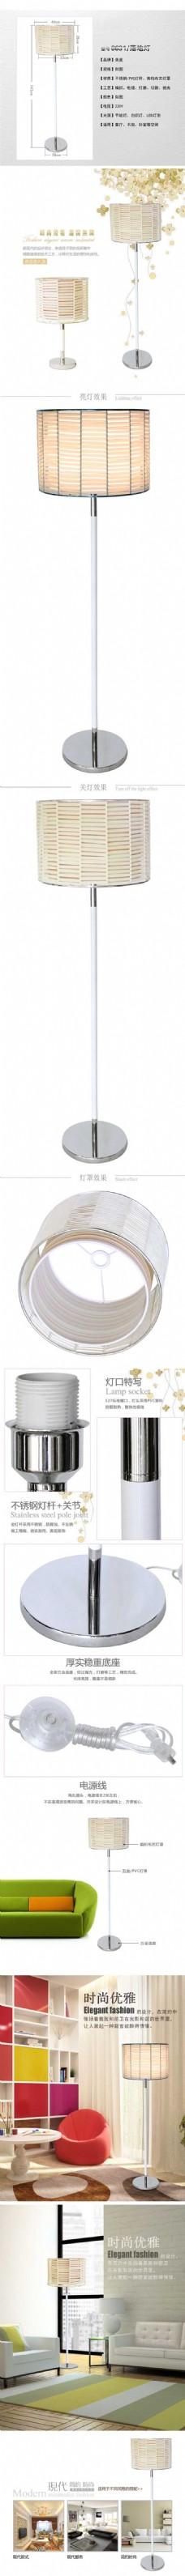 温馨优雅落地灯-灯具描述